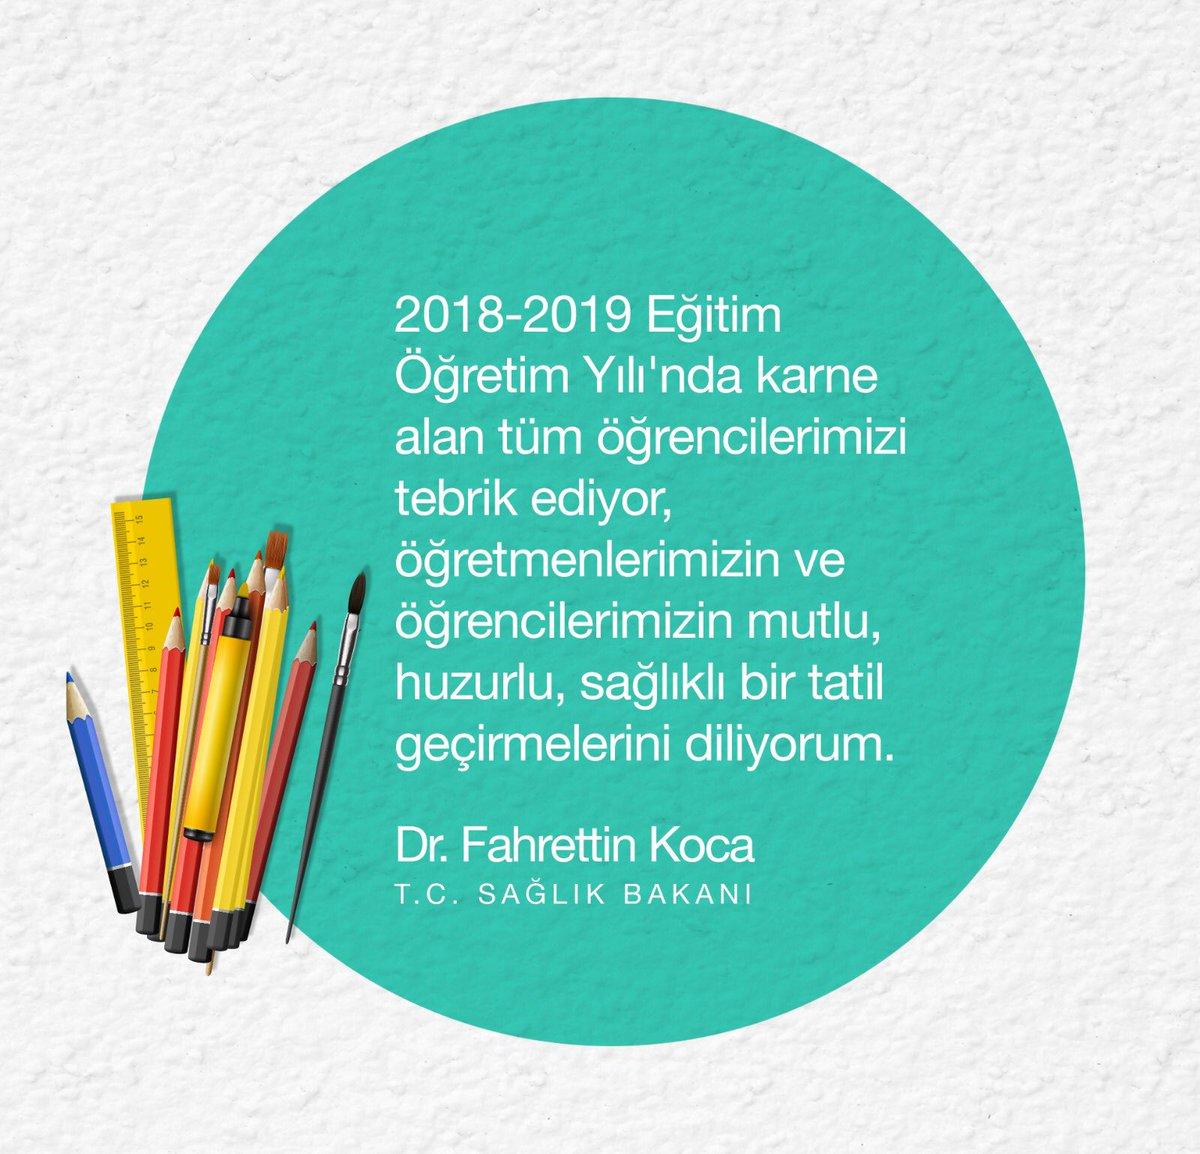 Öğretmenlerimizin ve öğrencilerimizin mutlu, huzurlu, sağlıklı bir tatil geçirmelerini diliyorum. #KarneGünü https://t.co/j4Tu0z28fv